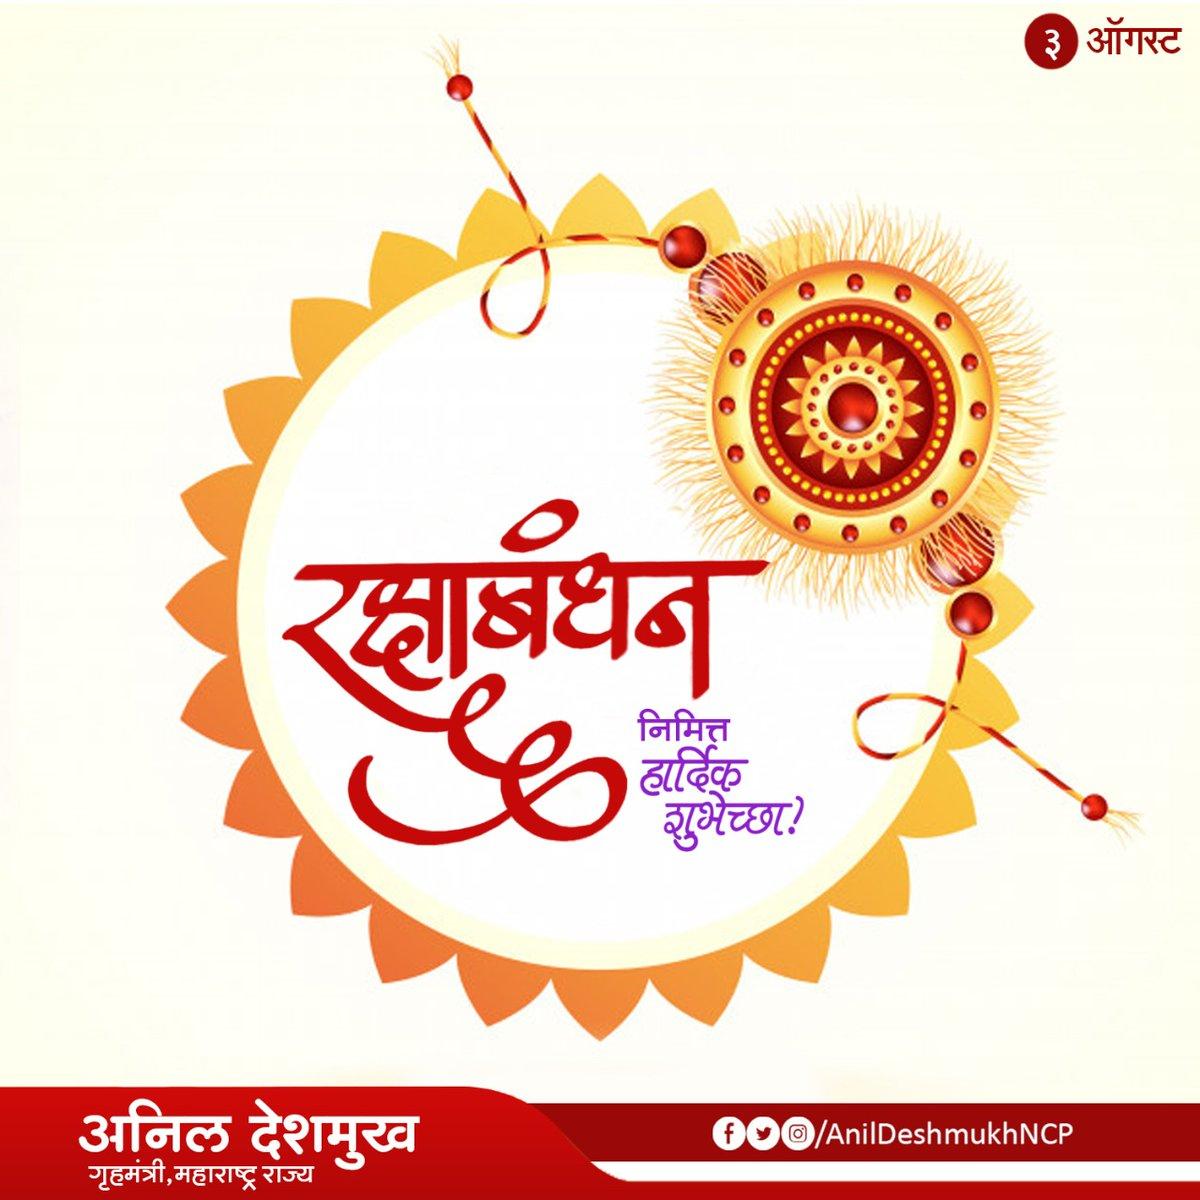 नाते बहिण-भावाचे, प्रेम आणि विश्वासाचे, जपुयात हे बंध रेशमाचे! रक्षाबंधन आणि नारळी पौर्णिमेच्या हार्दिक शुभेच्छा! #RakshaBandhan